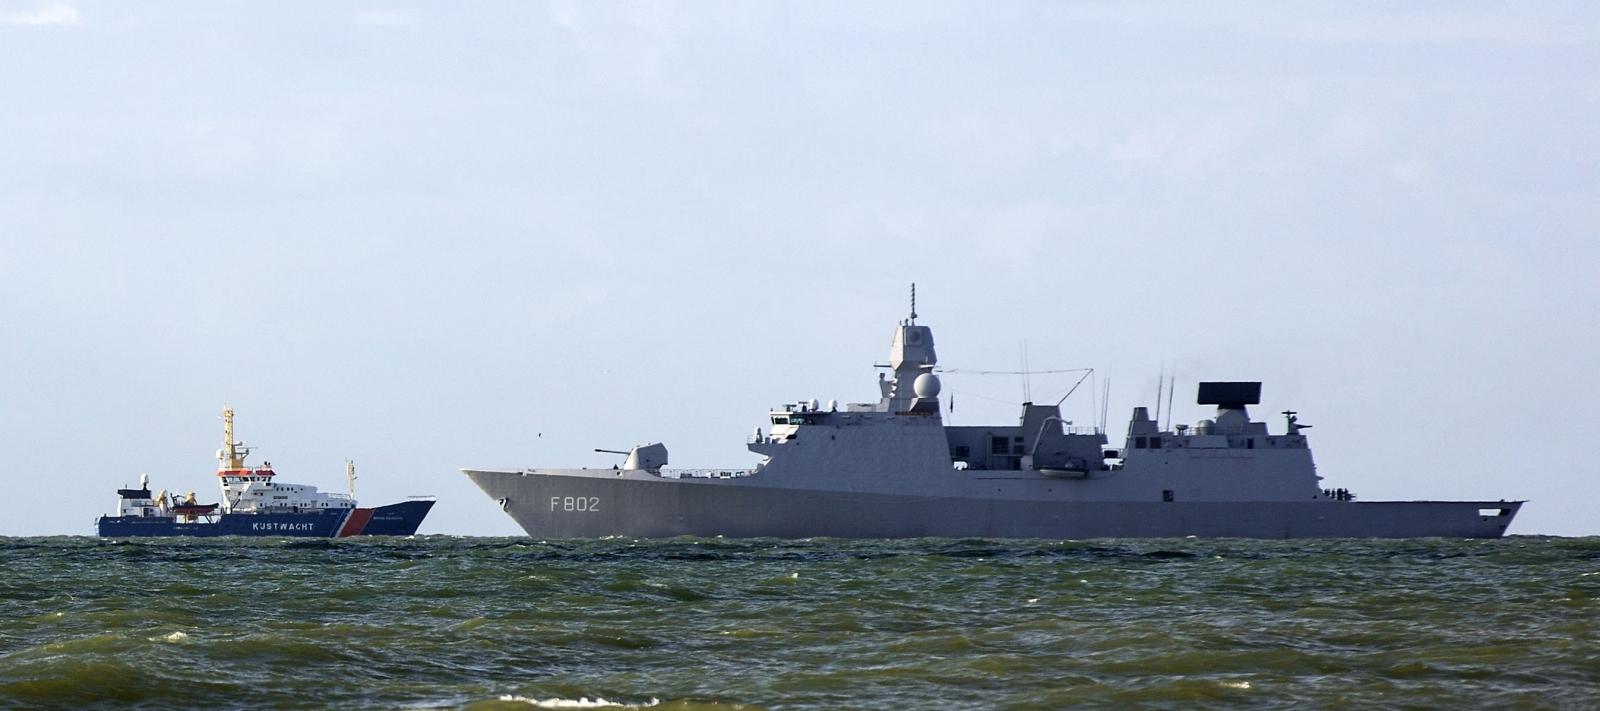 Dutch Navy